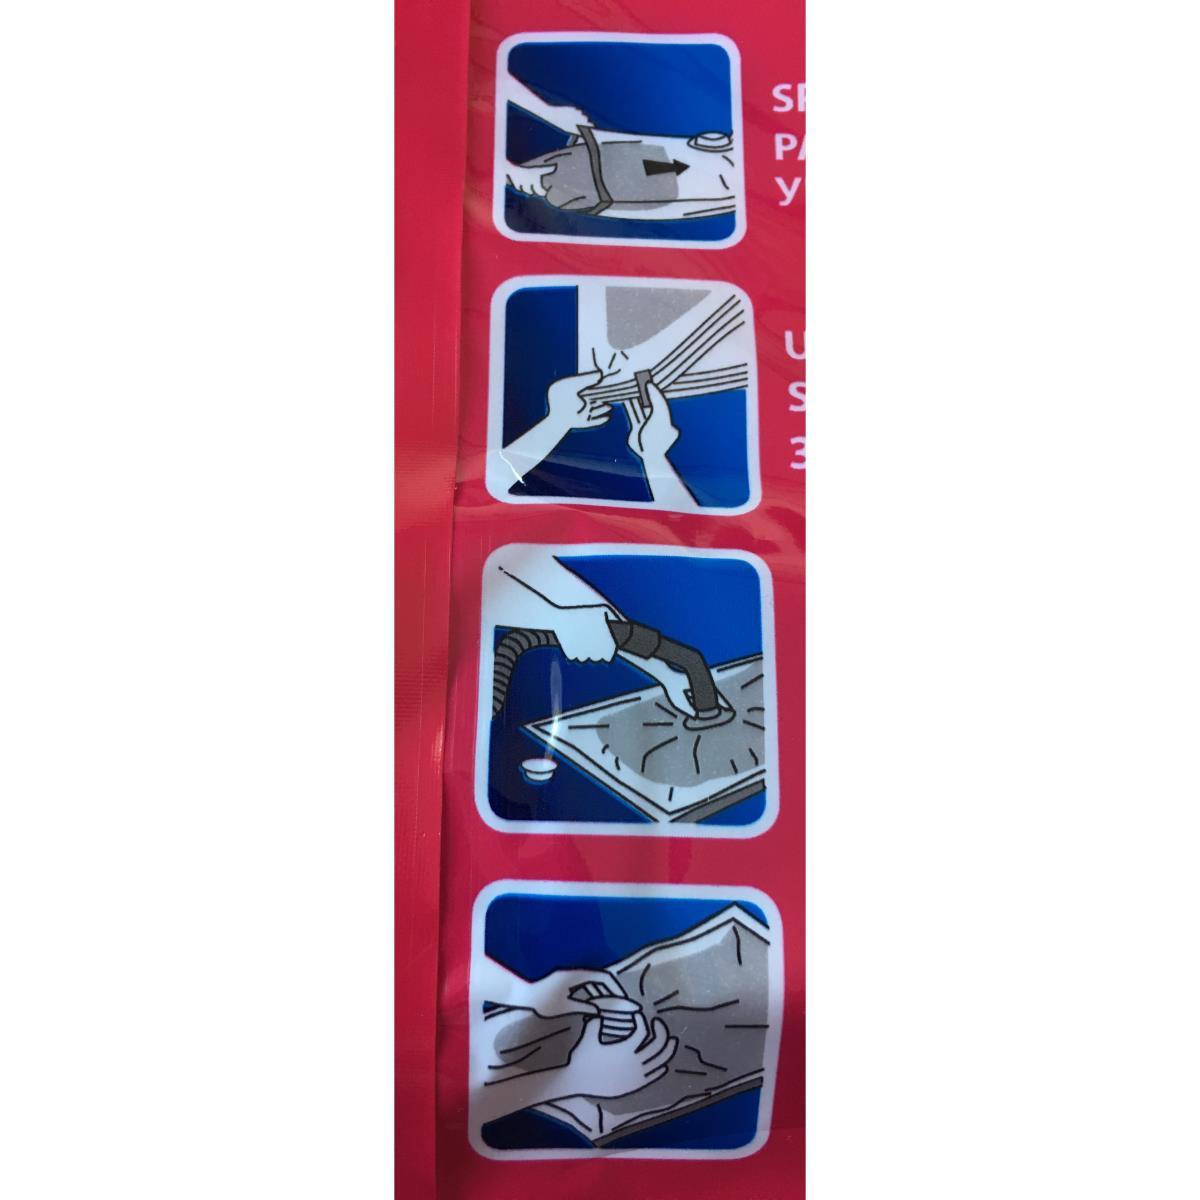 Vakuumbeutel Kleiderbeutel Vakuumtasche Vakuumtüte Aufbewahrung 100x80x32 cm,york,000051226081, 5903355058779